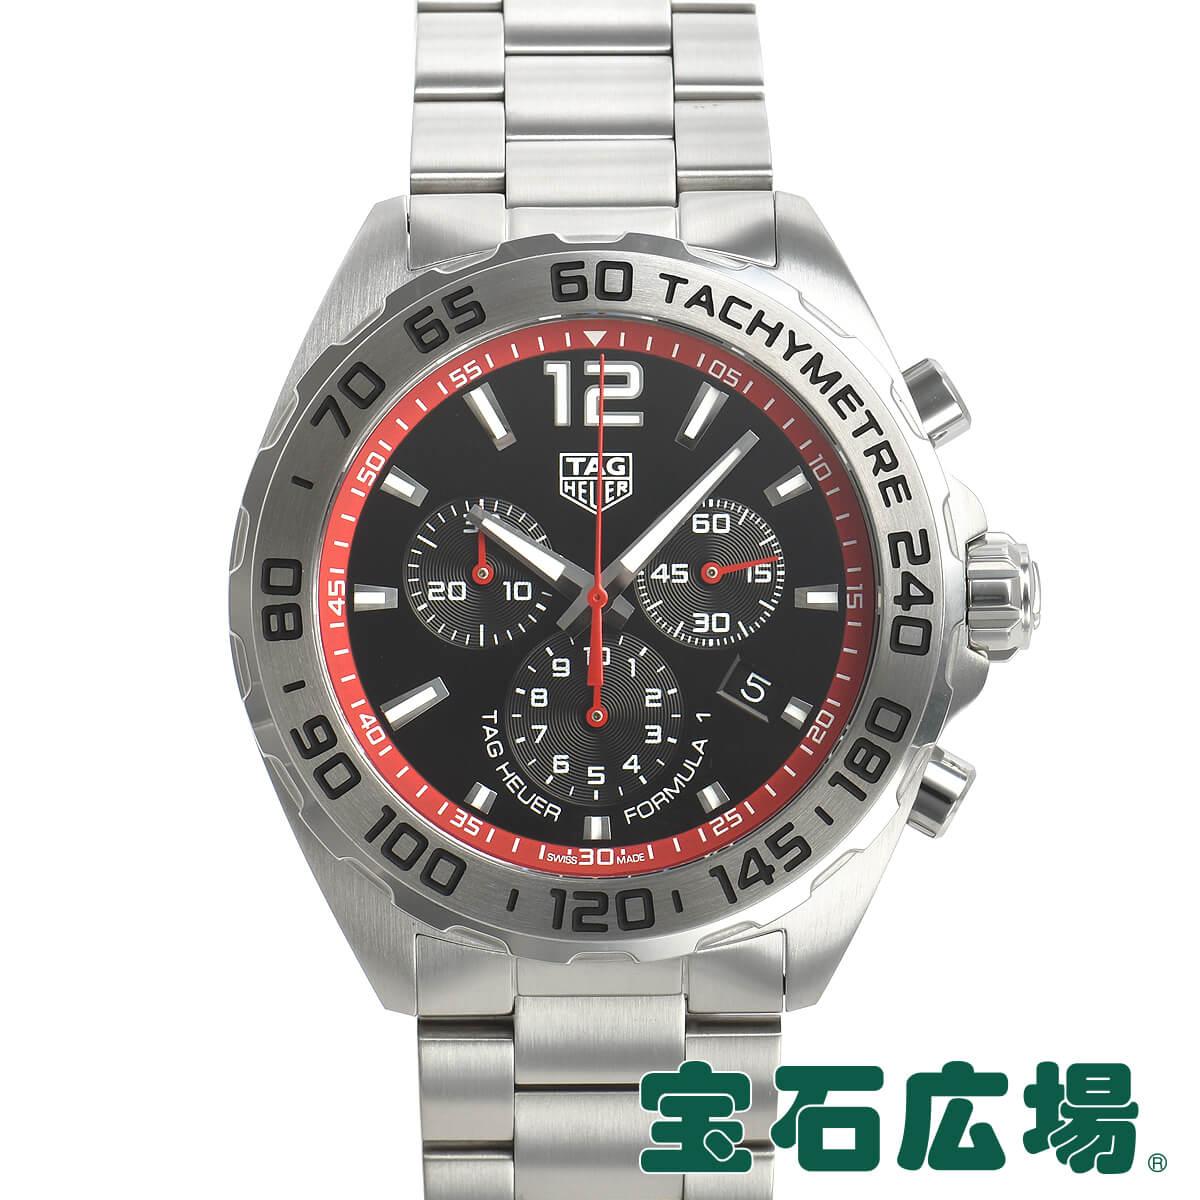 タグ・ホイヤー TAG HEUER フォーミュラ1 クロノグラフ CAZ101Y.BA0842【新品】メンズ 腕時計 送料・代引手数料無料